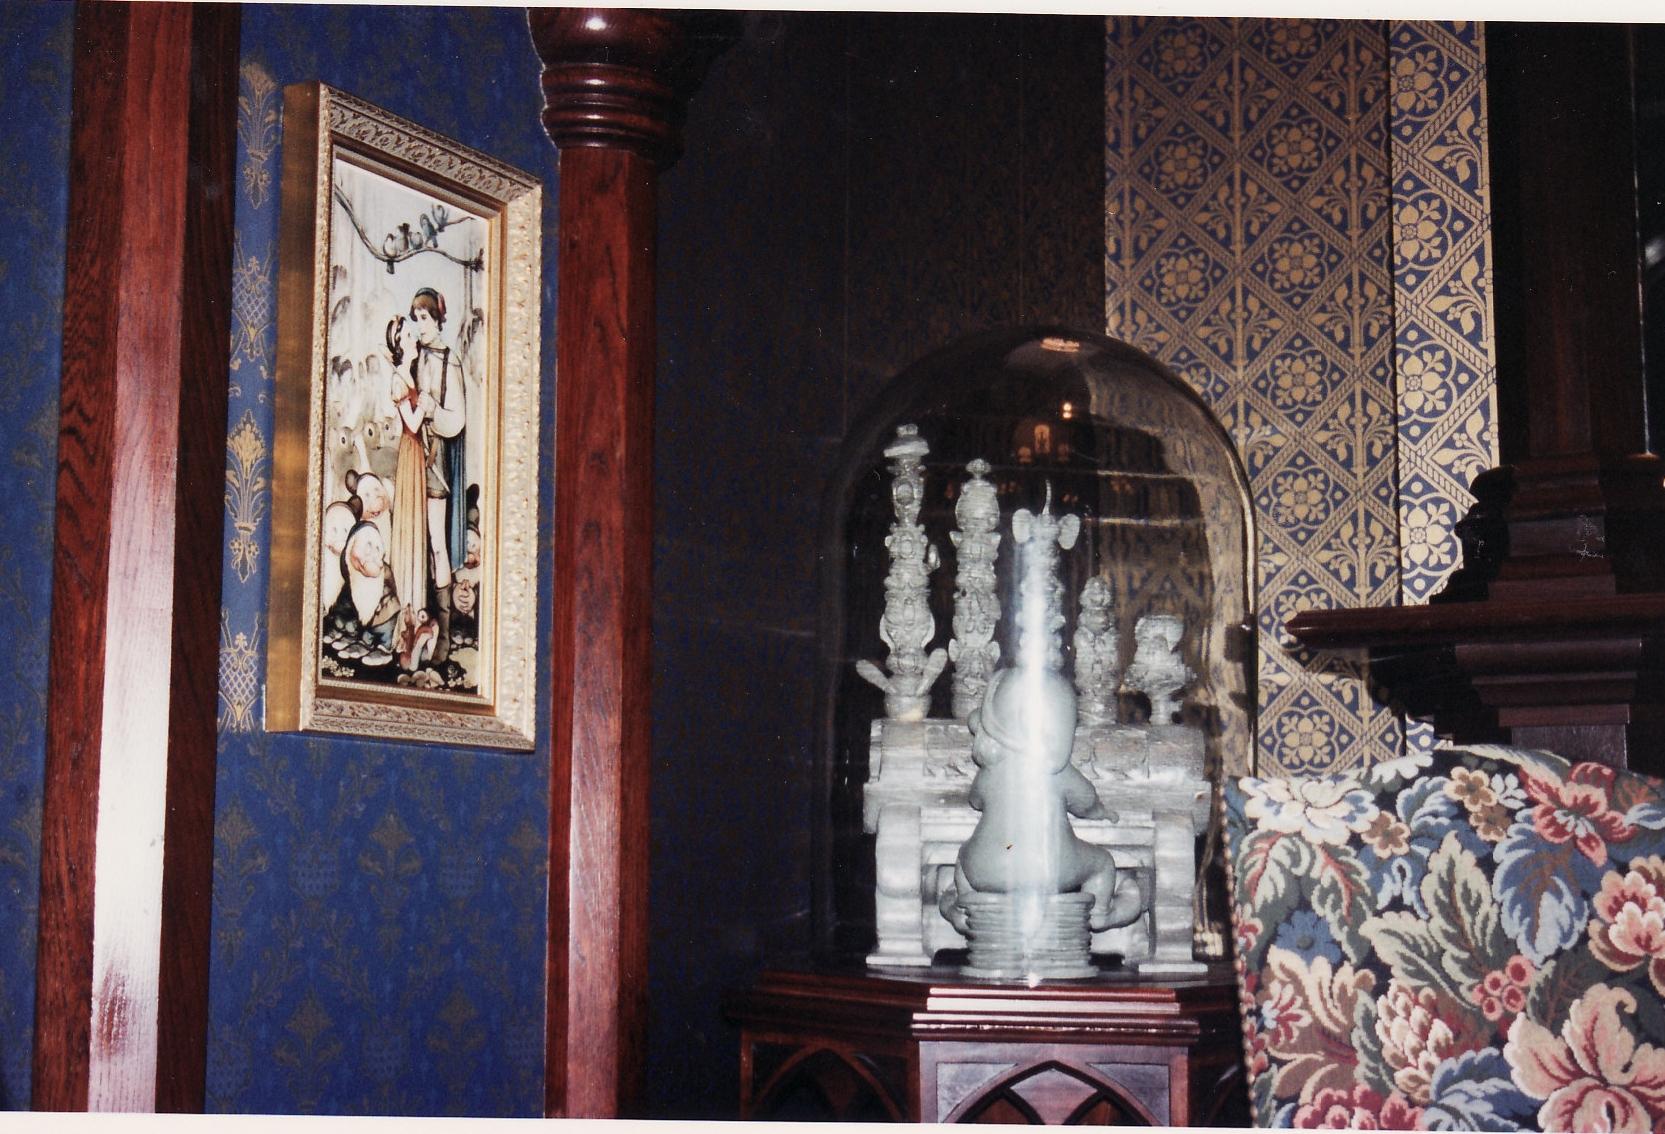 (Histoire) Lilly's Boutique a remplacé une salle du Walt's - An American Restaurant - Page 2 465135L149